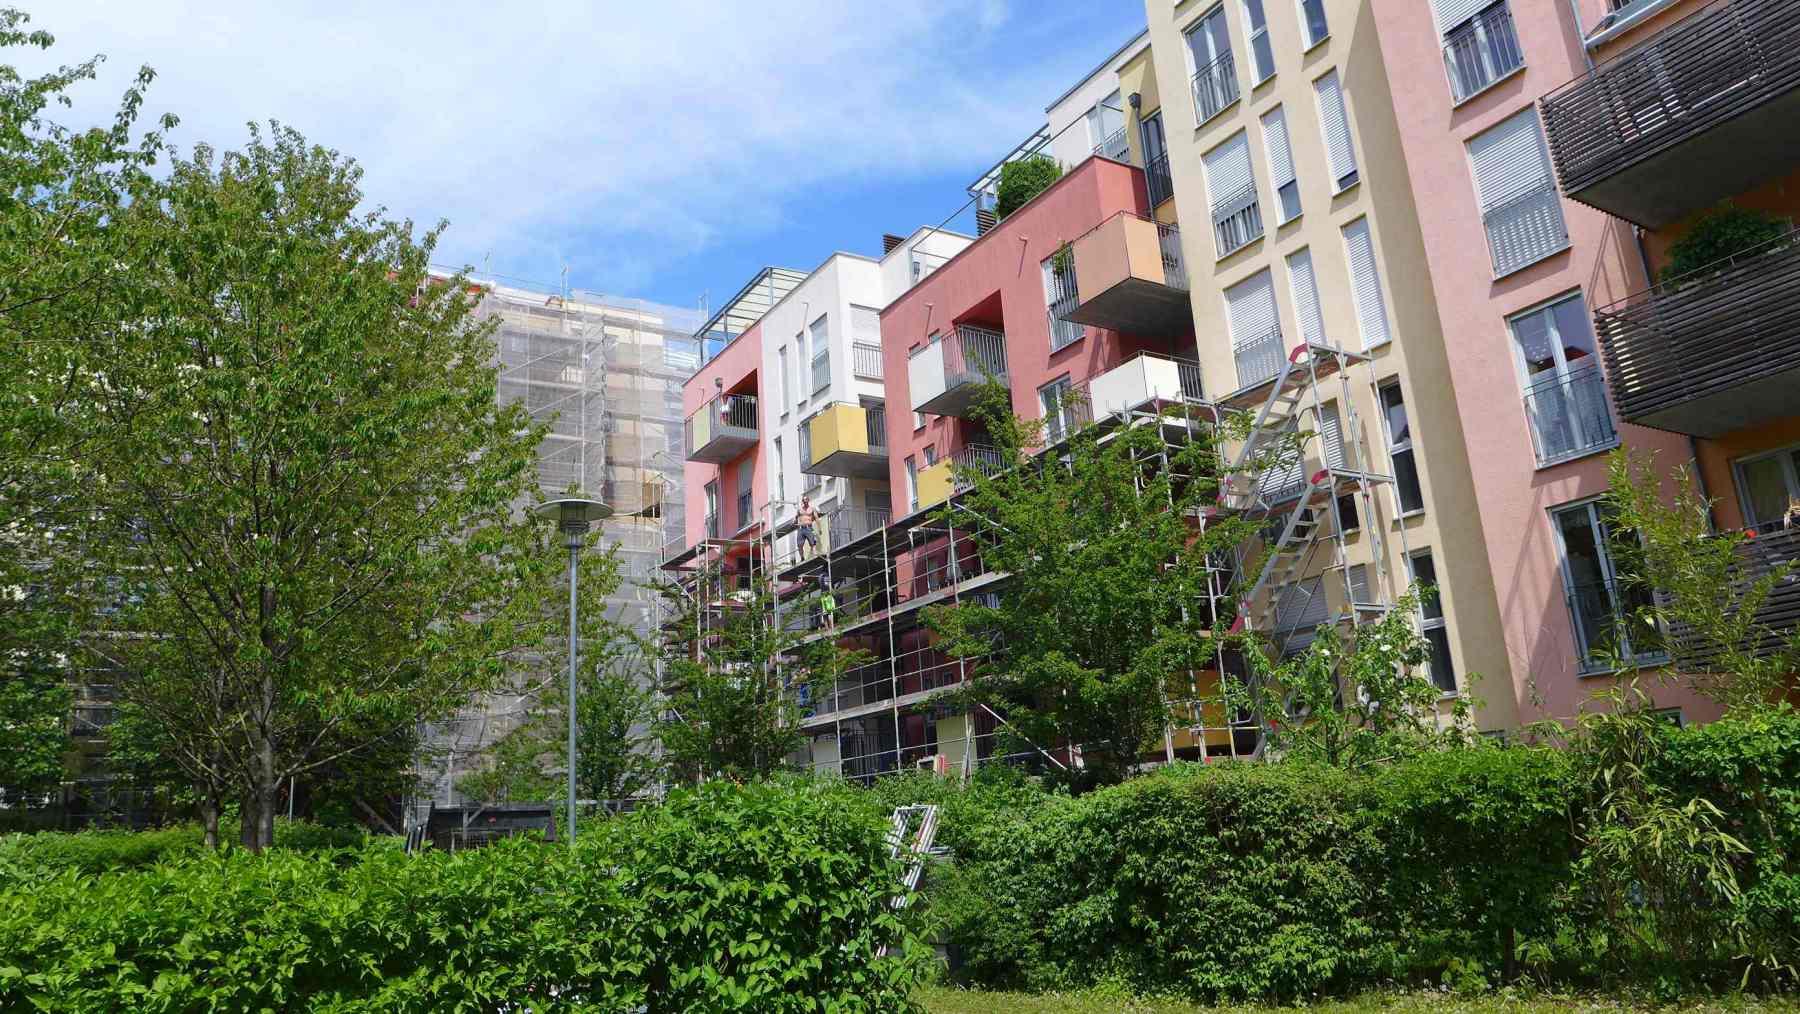 Fassadensanierung-Muenchen-6